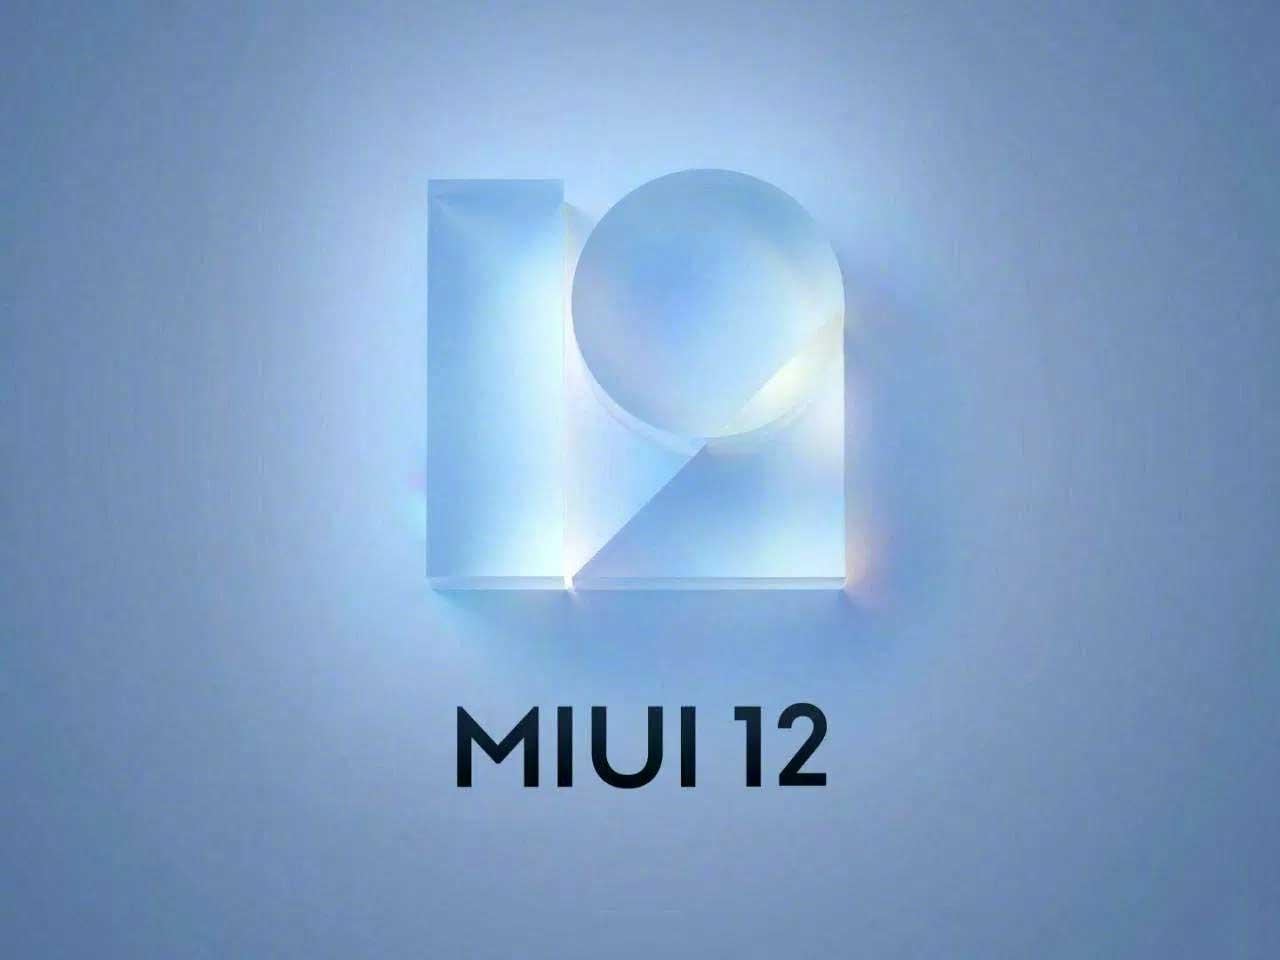 آپدیت آزمایشی MIUI 12